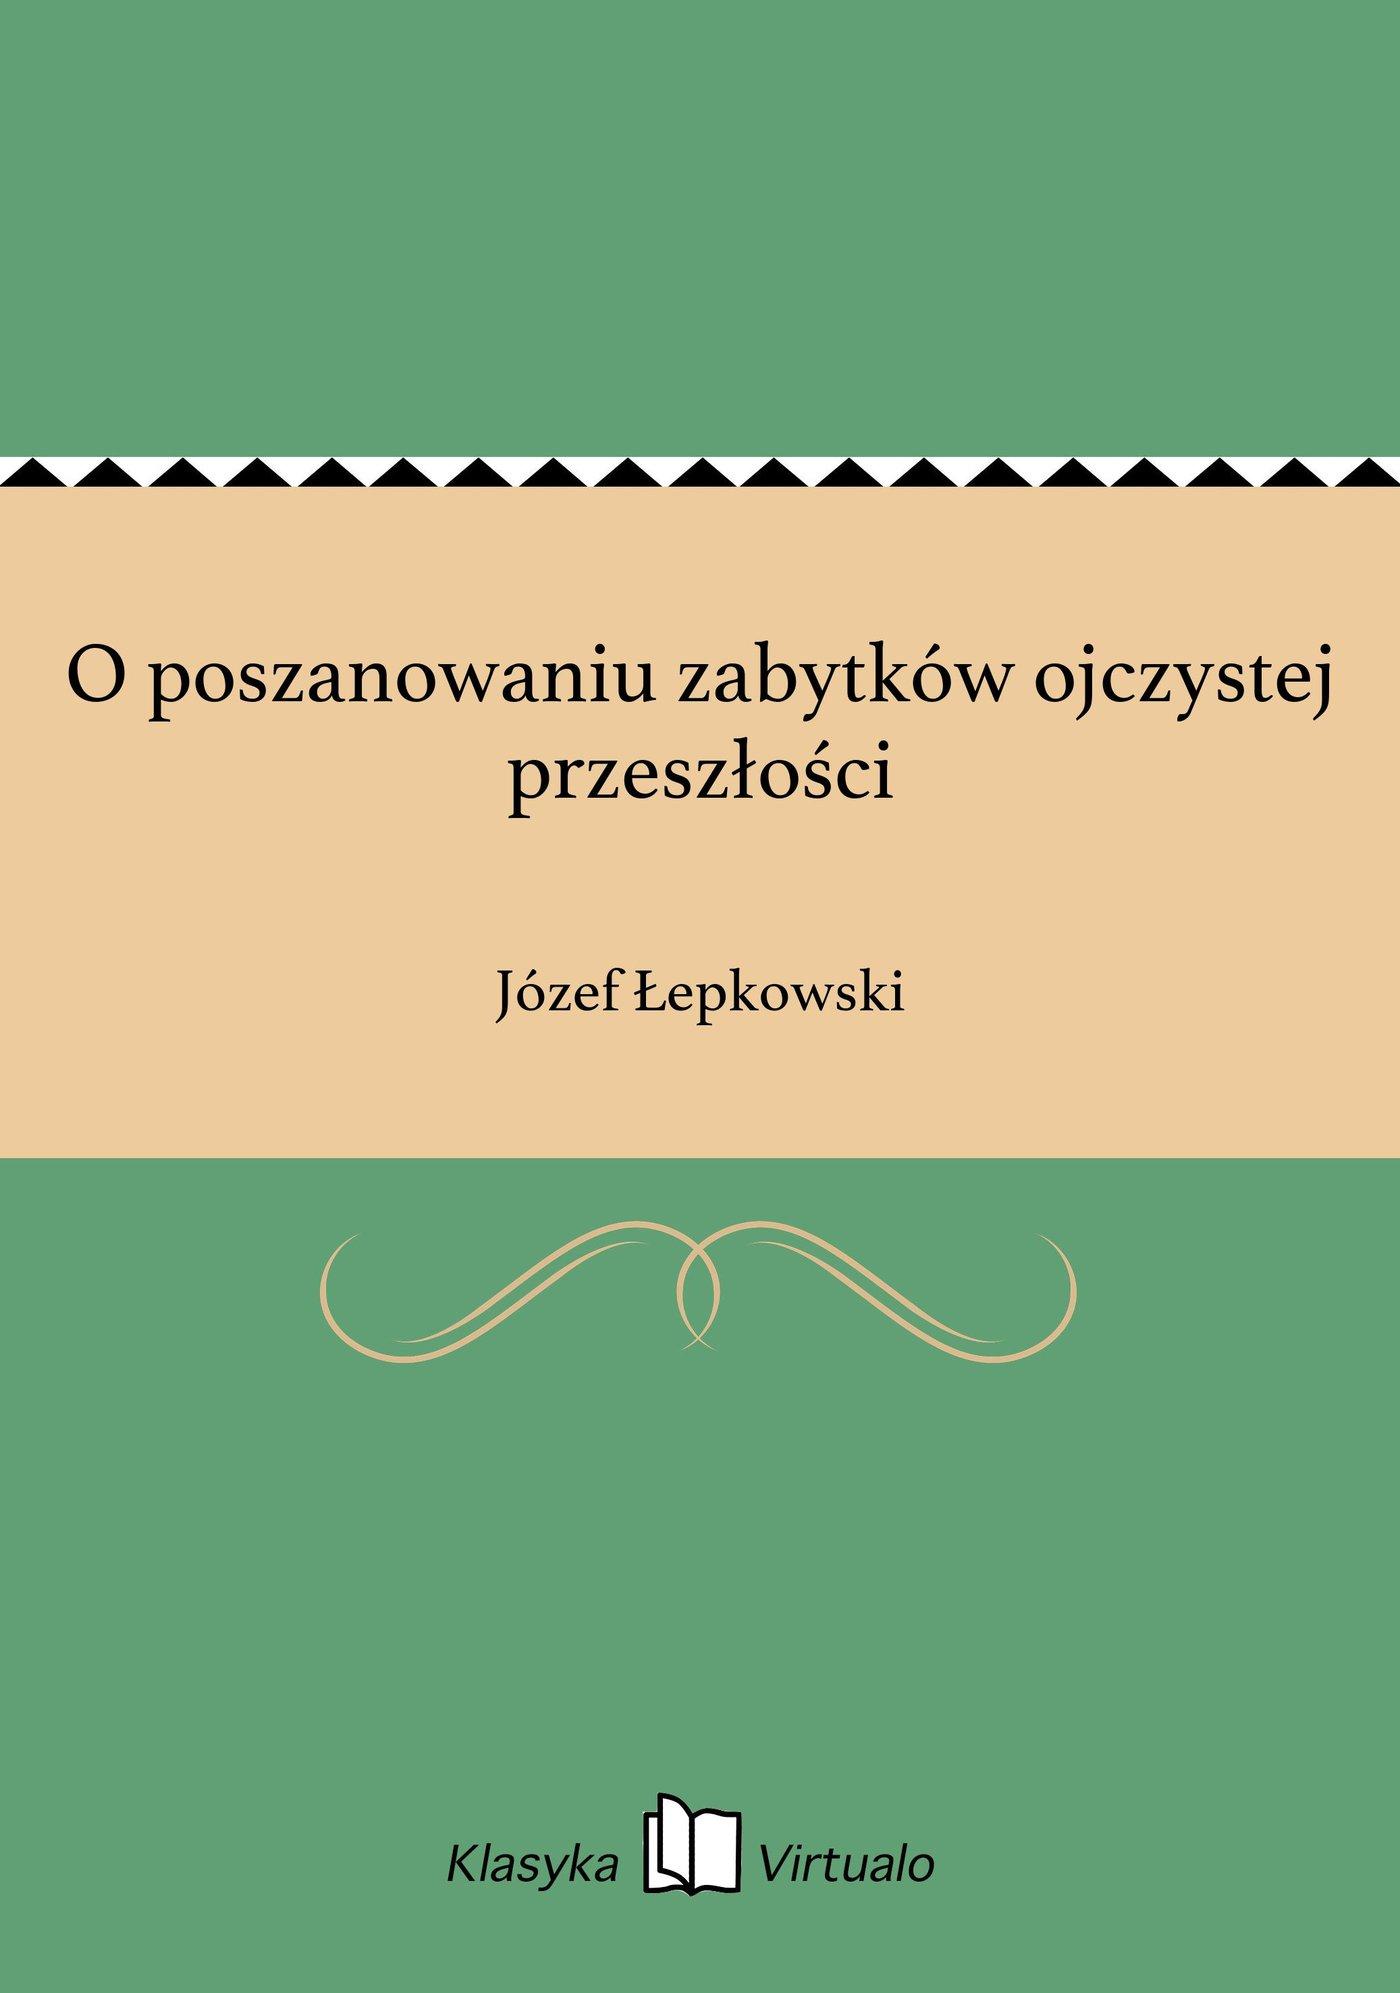 O poszanowaniu zabytków ojczystej przeszłości - Ebook (Książka EPUB) do pobrania w formacie EPUB